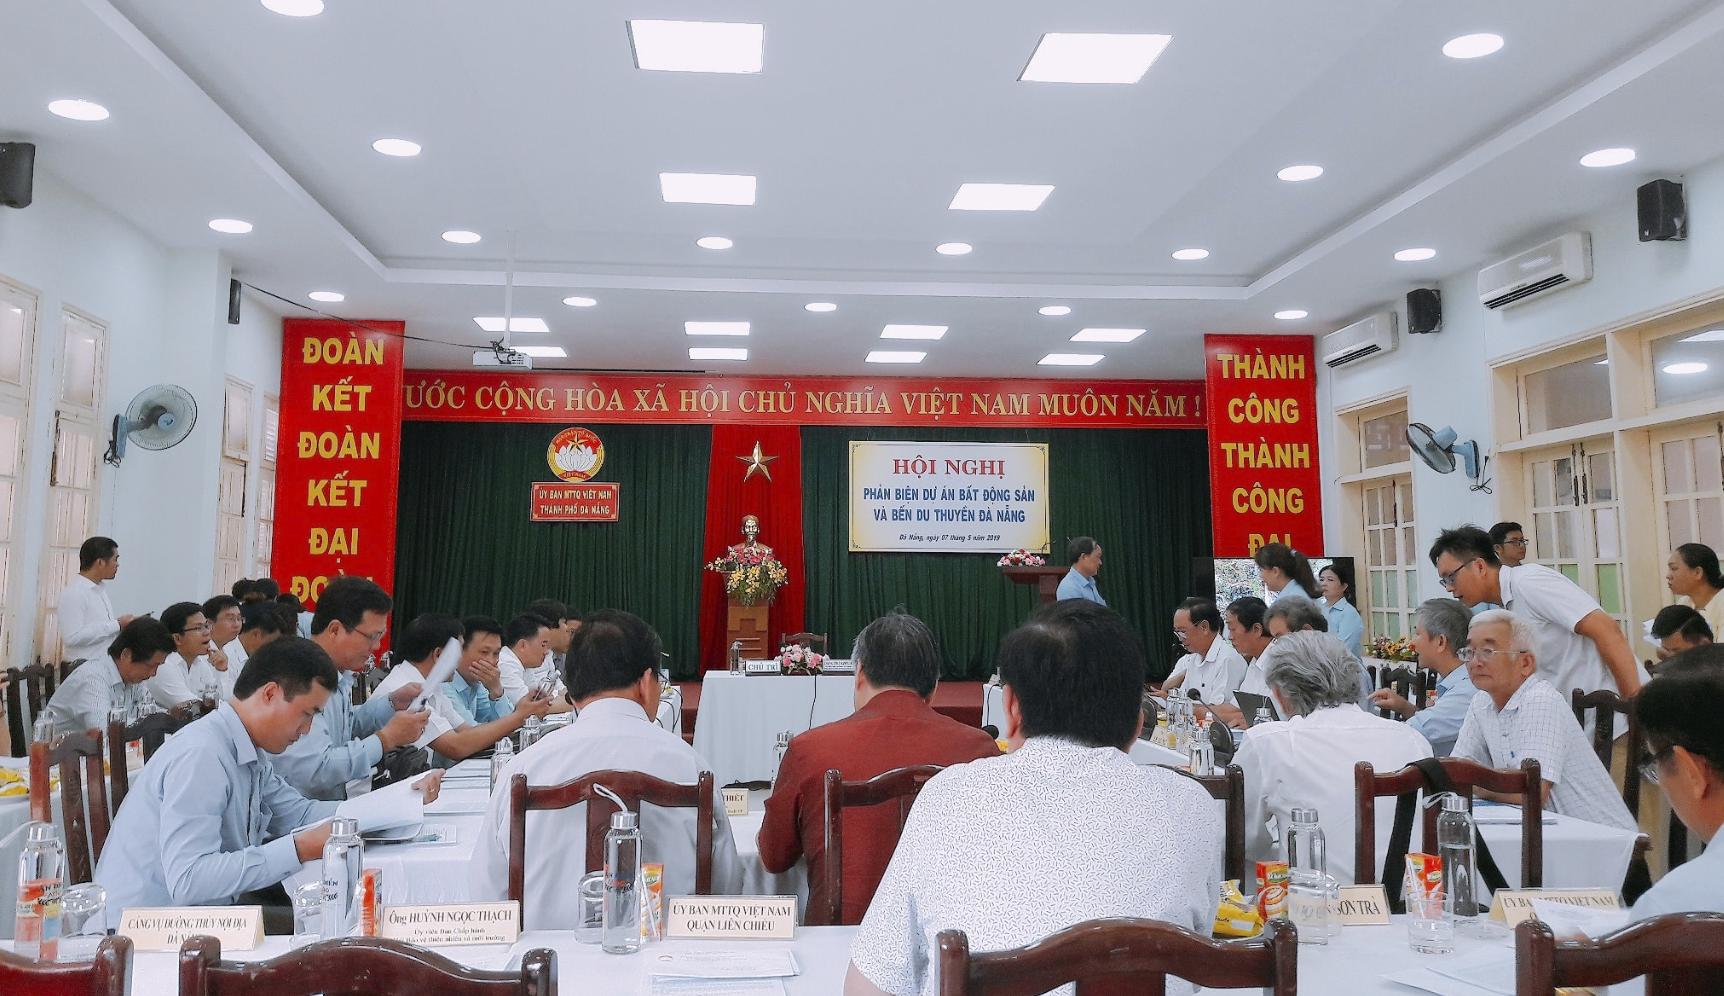 Bà Nguyễn Thị Như Loan nói gặp tai nạn tại Dự án bất động sản và bến du thuyền - Marina Complex ở Đà Nẵng - Ảnh 1.